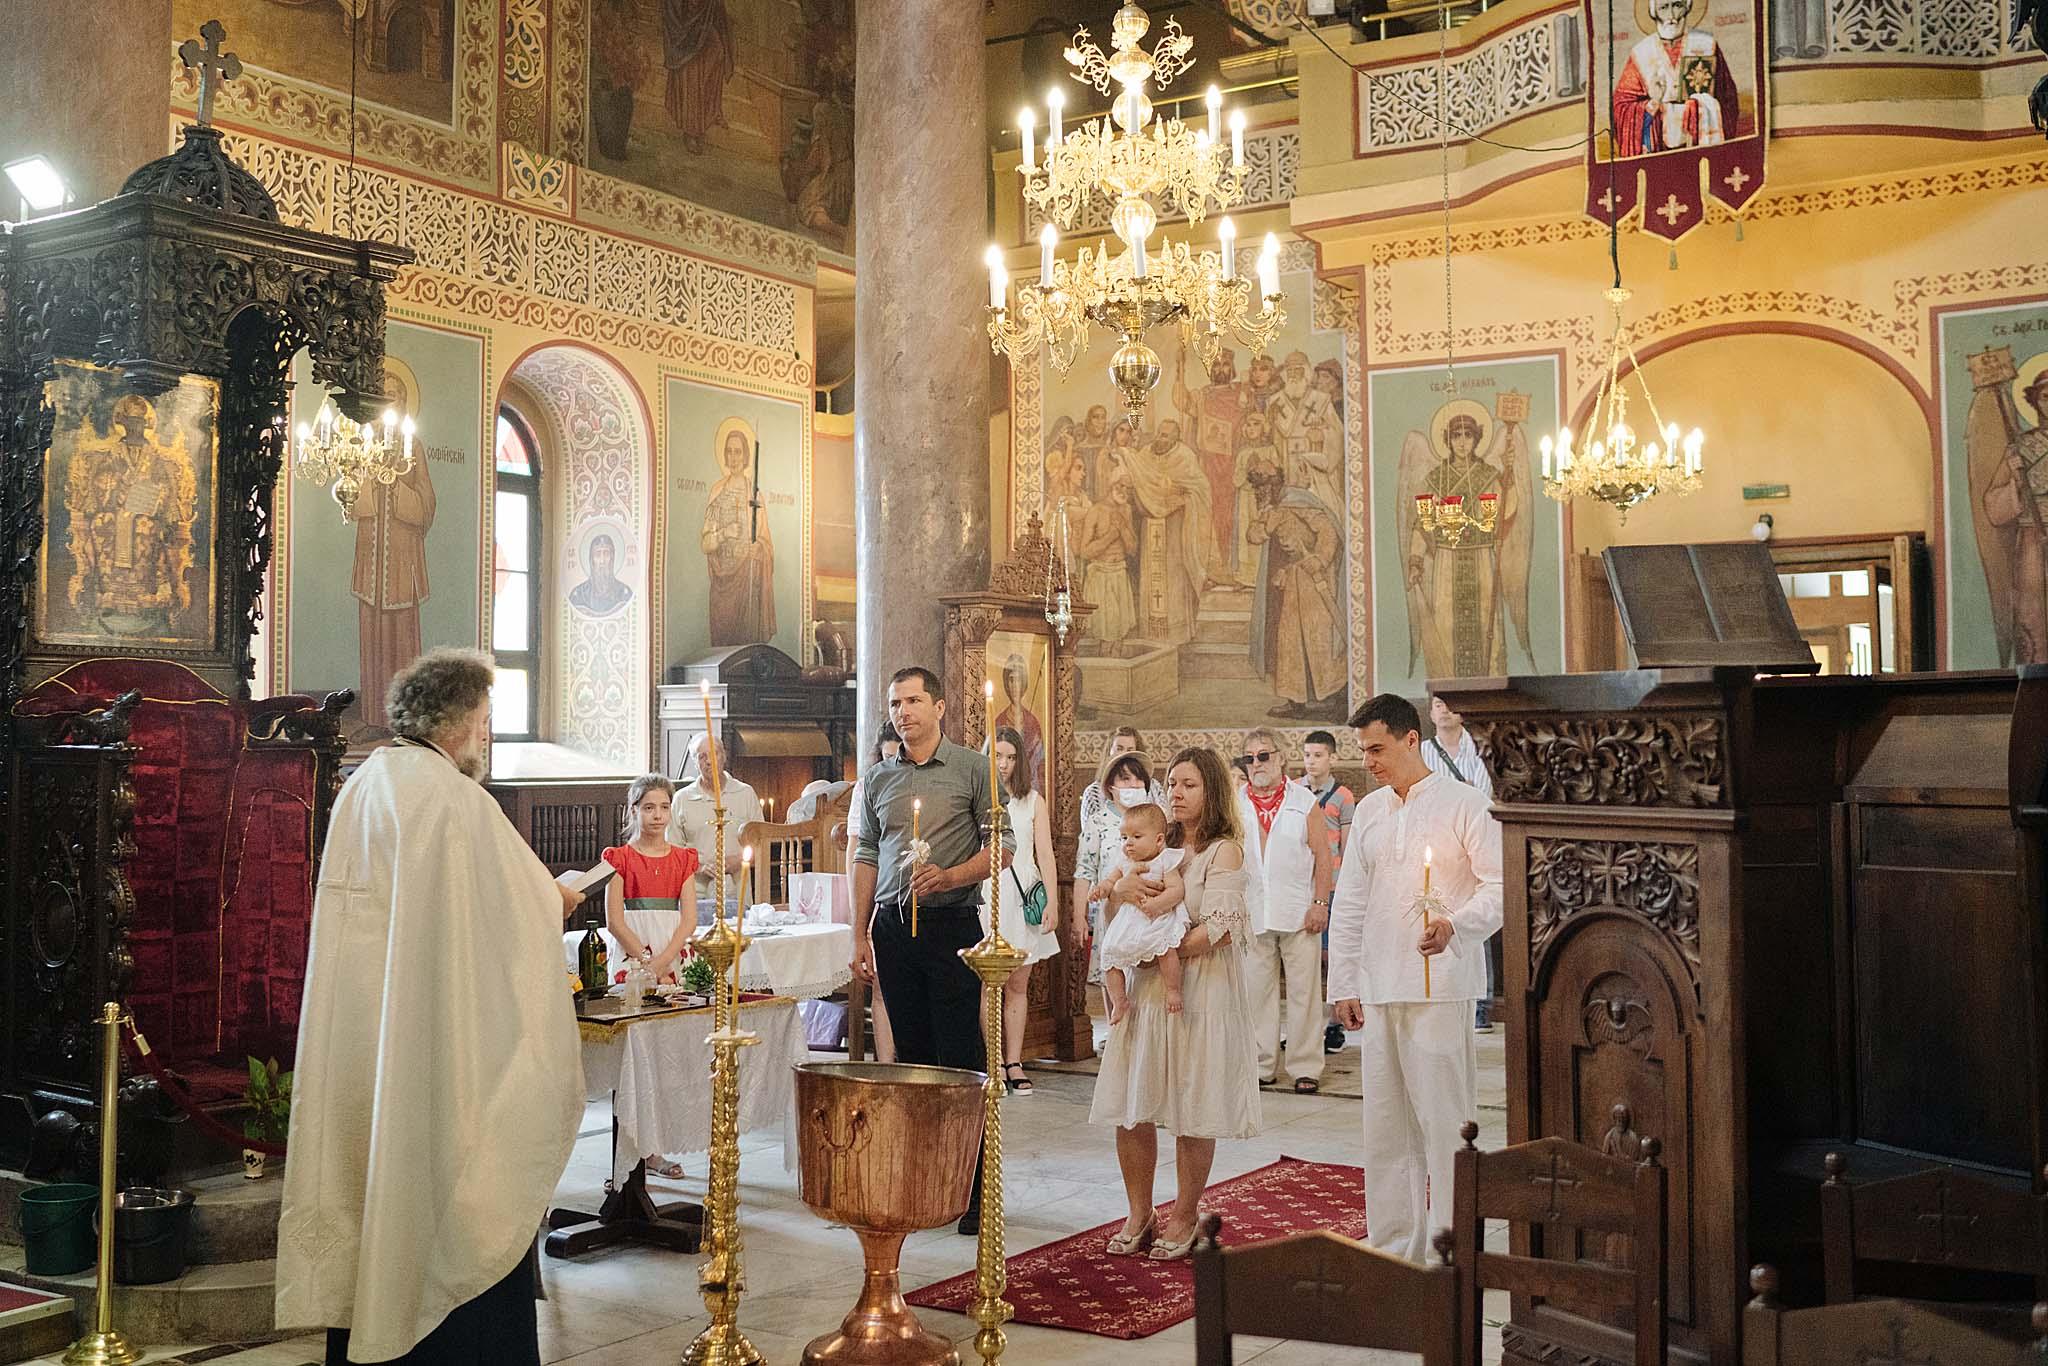 кръщене, кръщене във Варна, фотограф кръщене, фотограф Варна, Св Николай